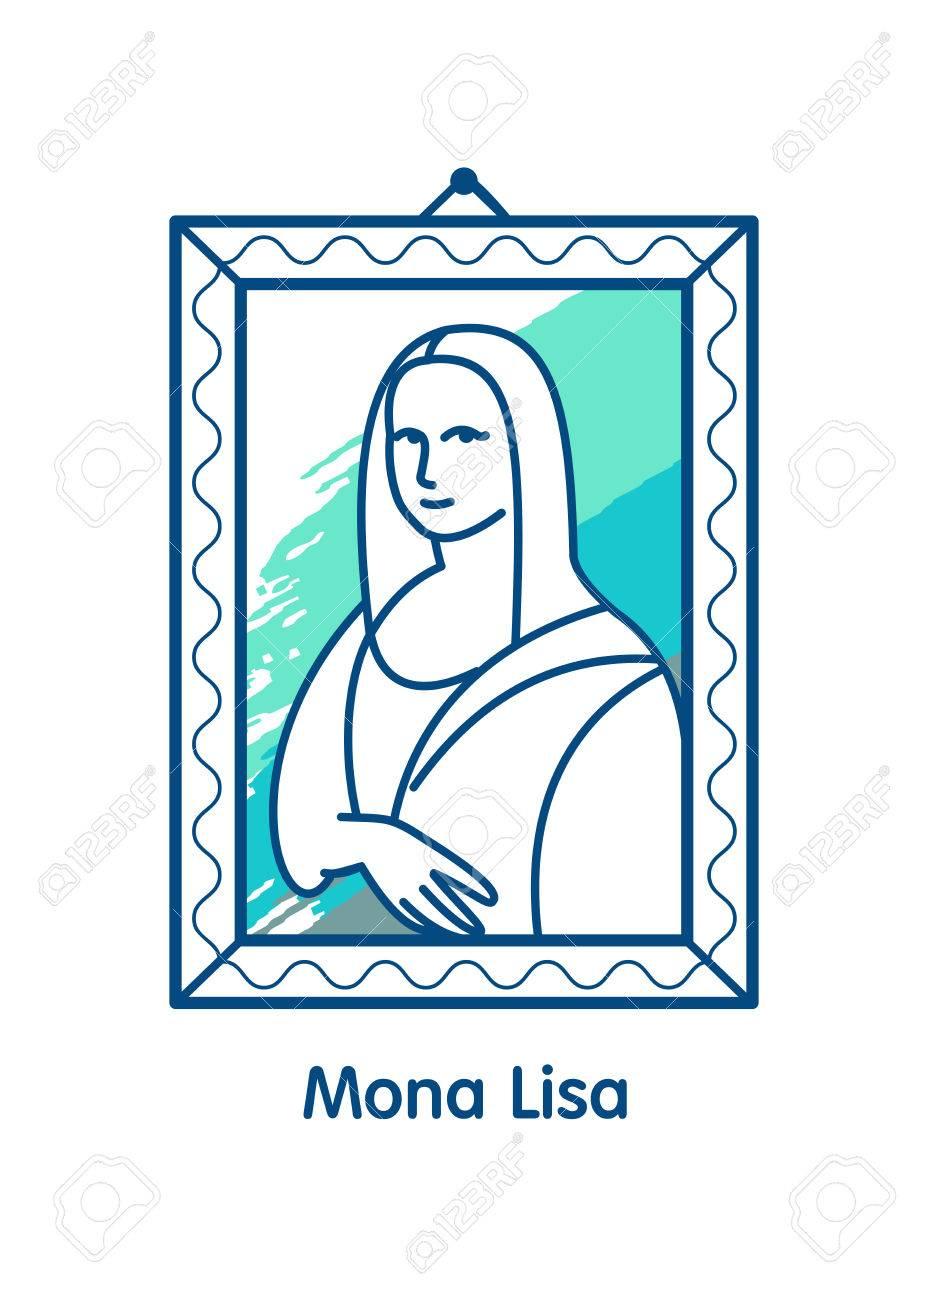 Was ist im hintergrund der mona lisa